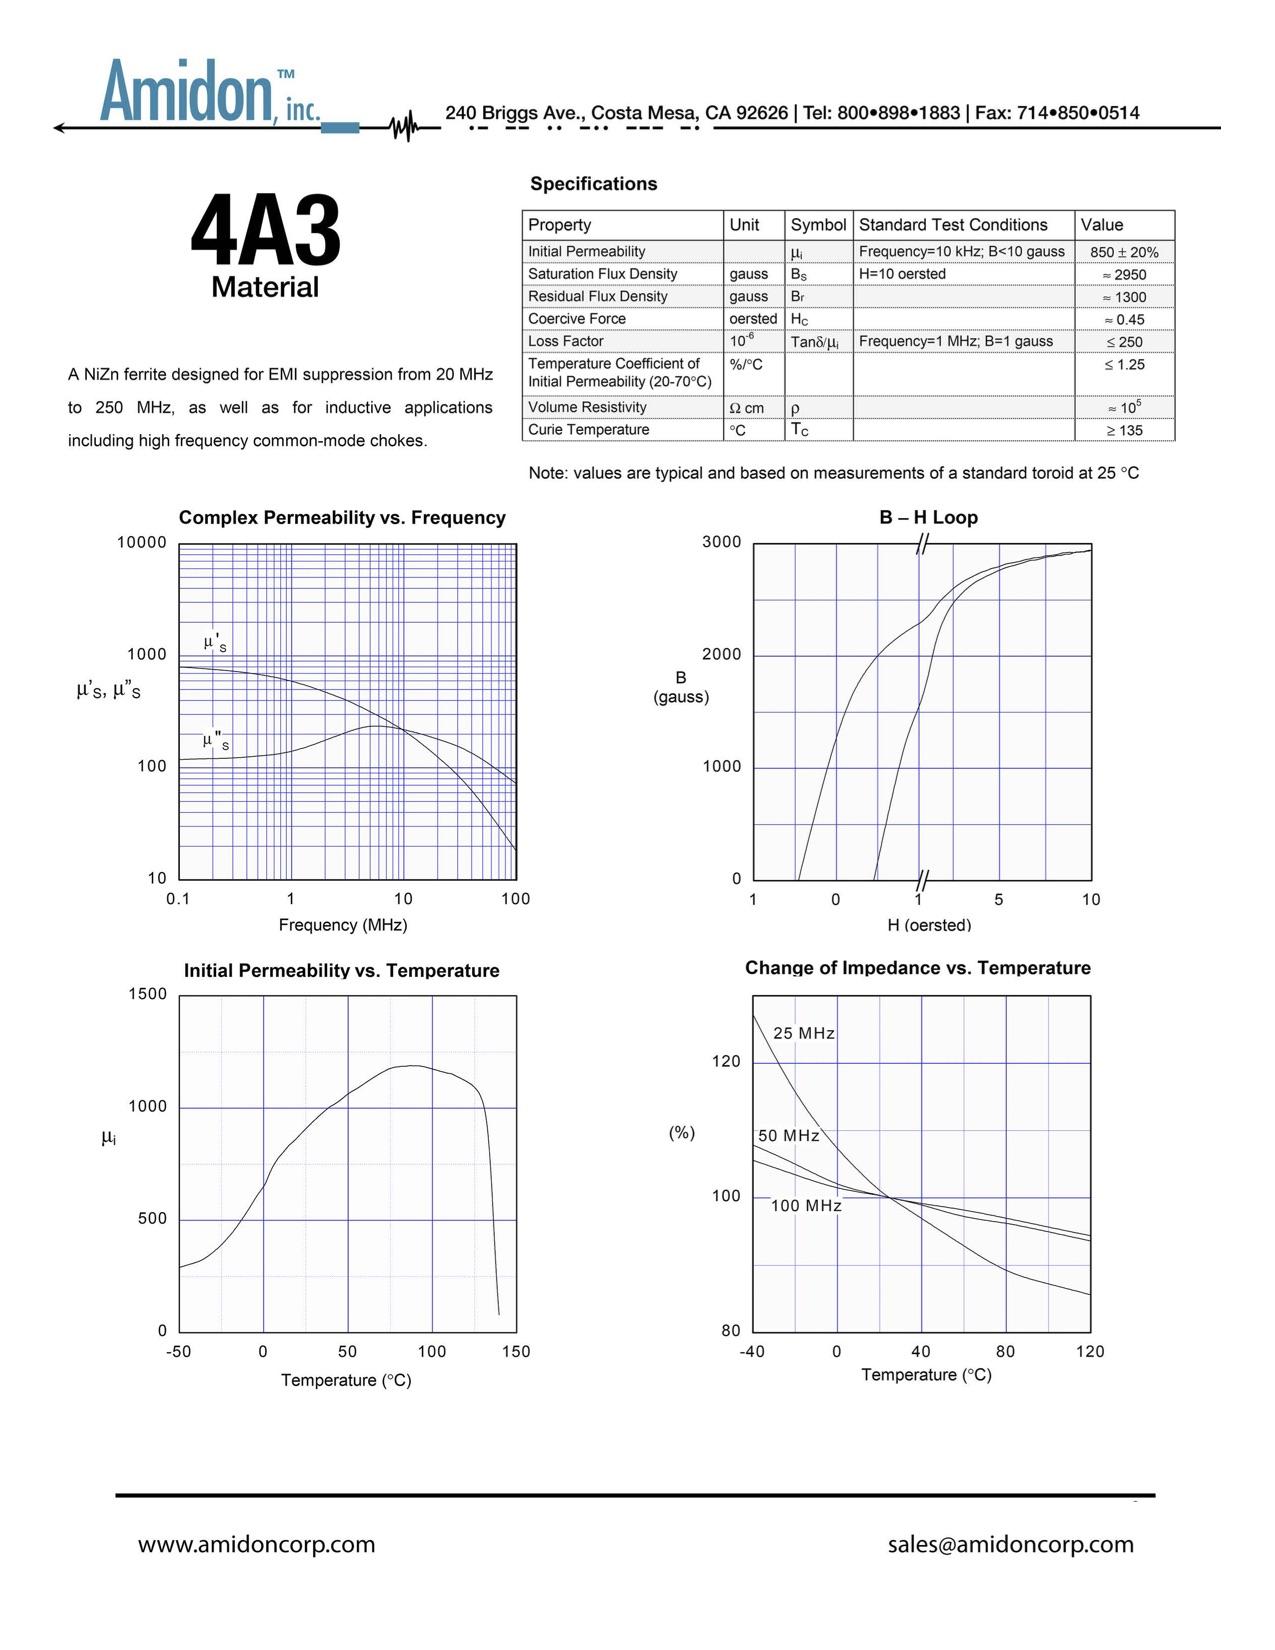 4A3 Material Data Sheet